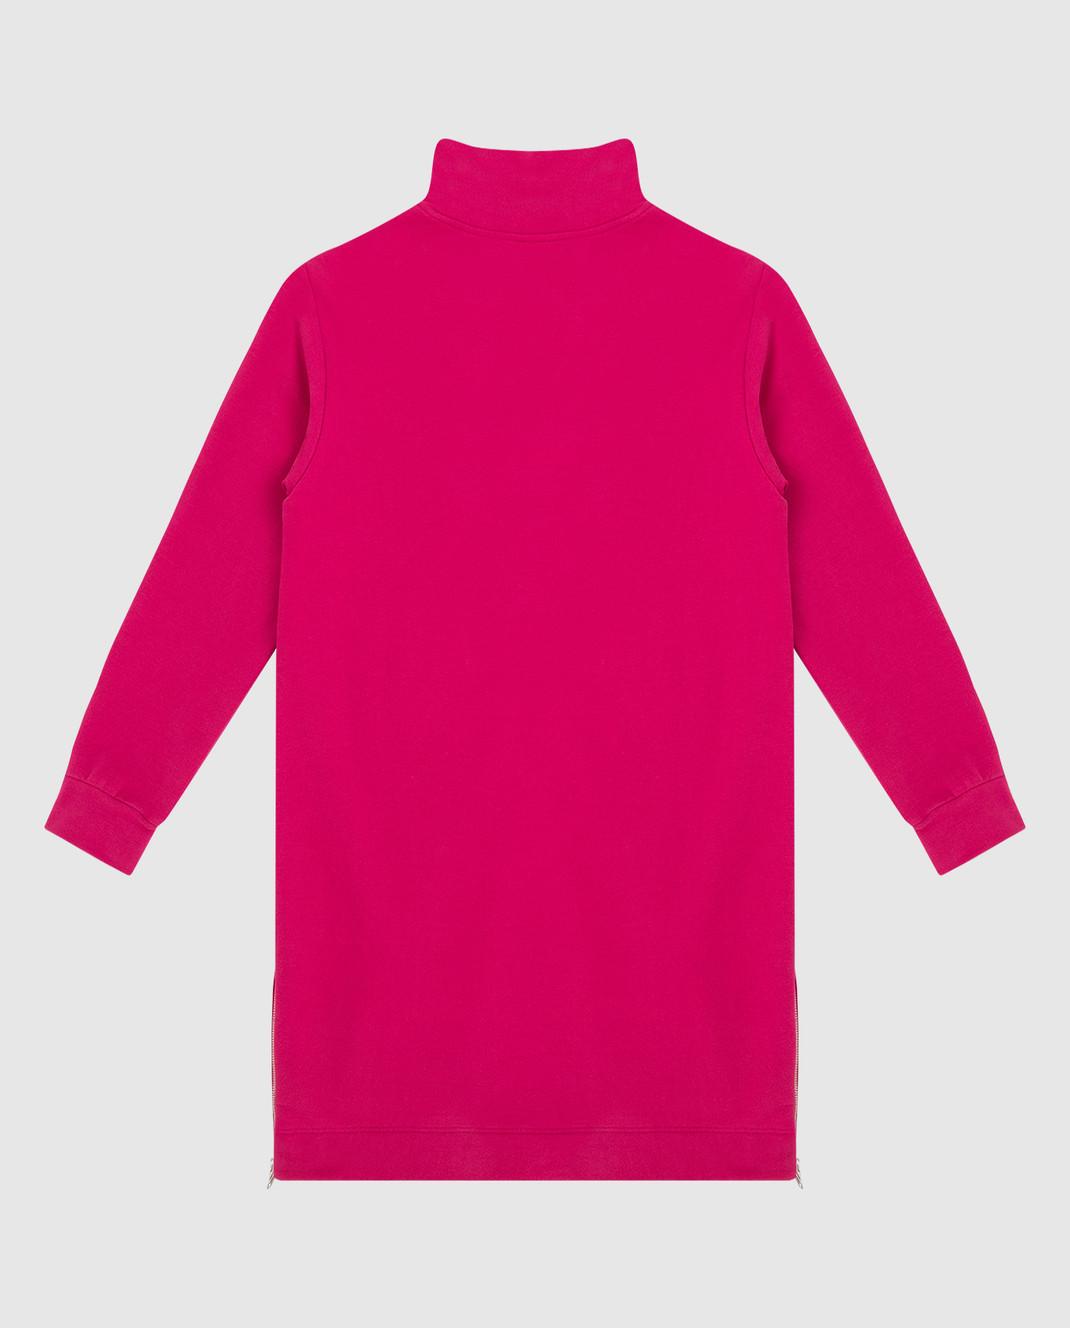 Ermanno Scervino Детское розовое платье AB181012 изображение 2